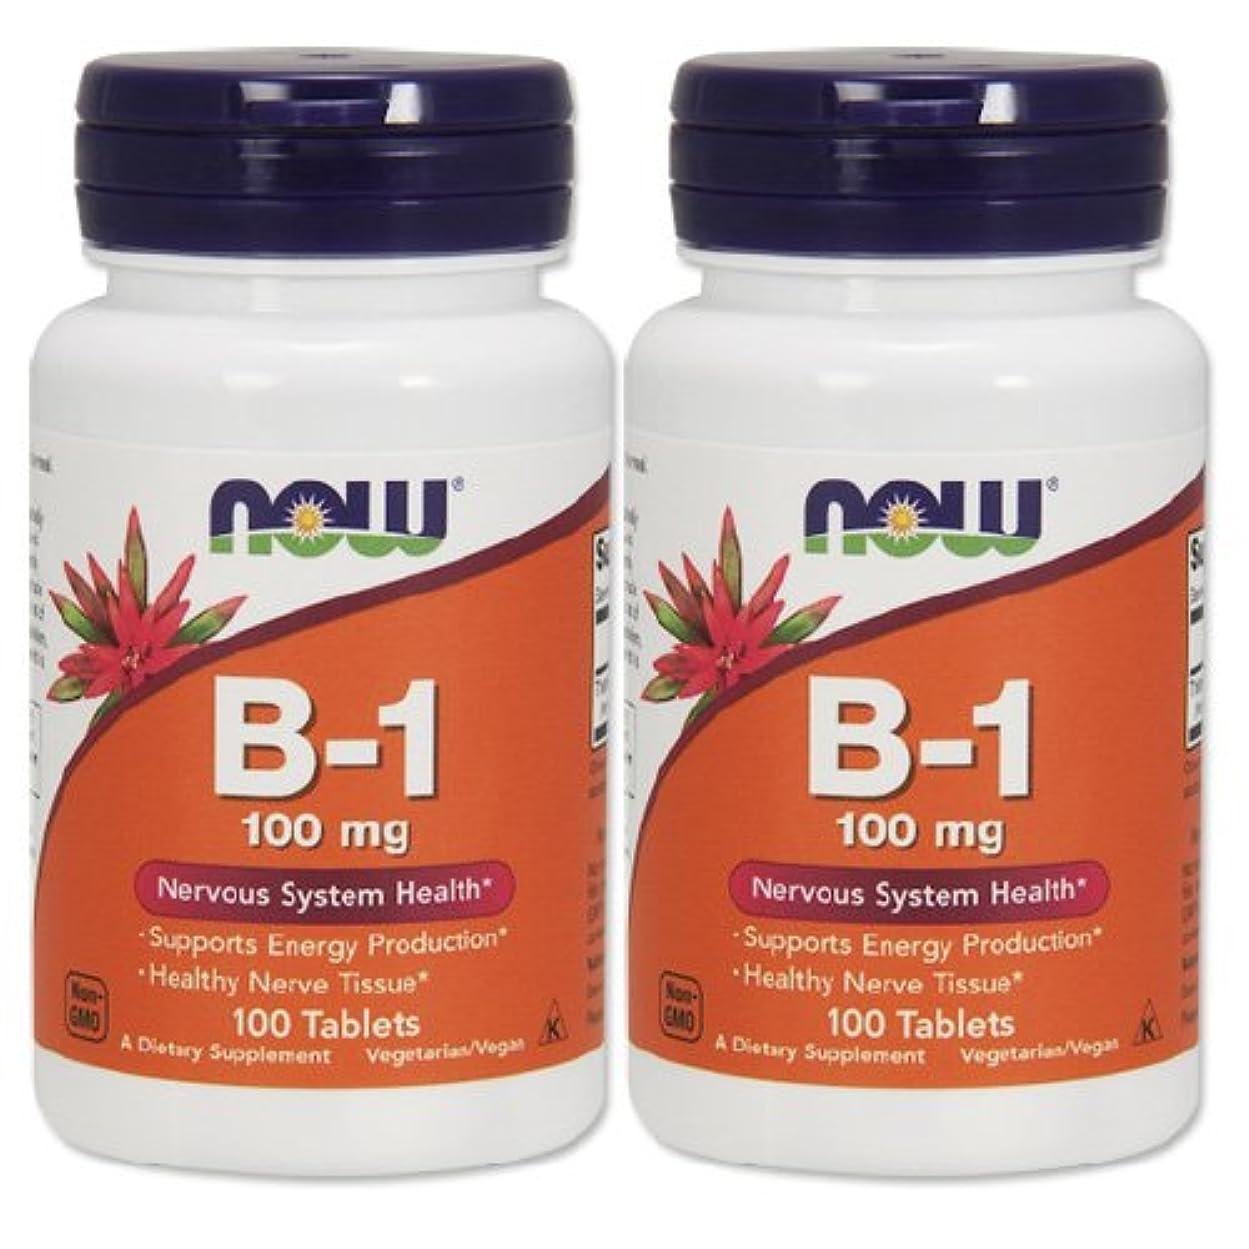 交流するバスタブ炭水化物2本セット 海外直送品 Now Foods B-1, 100 Tabs 100 mg